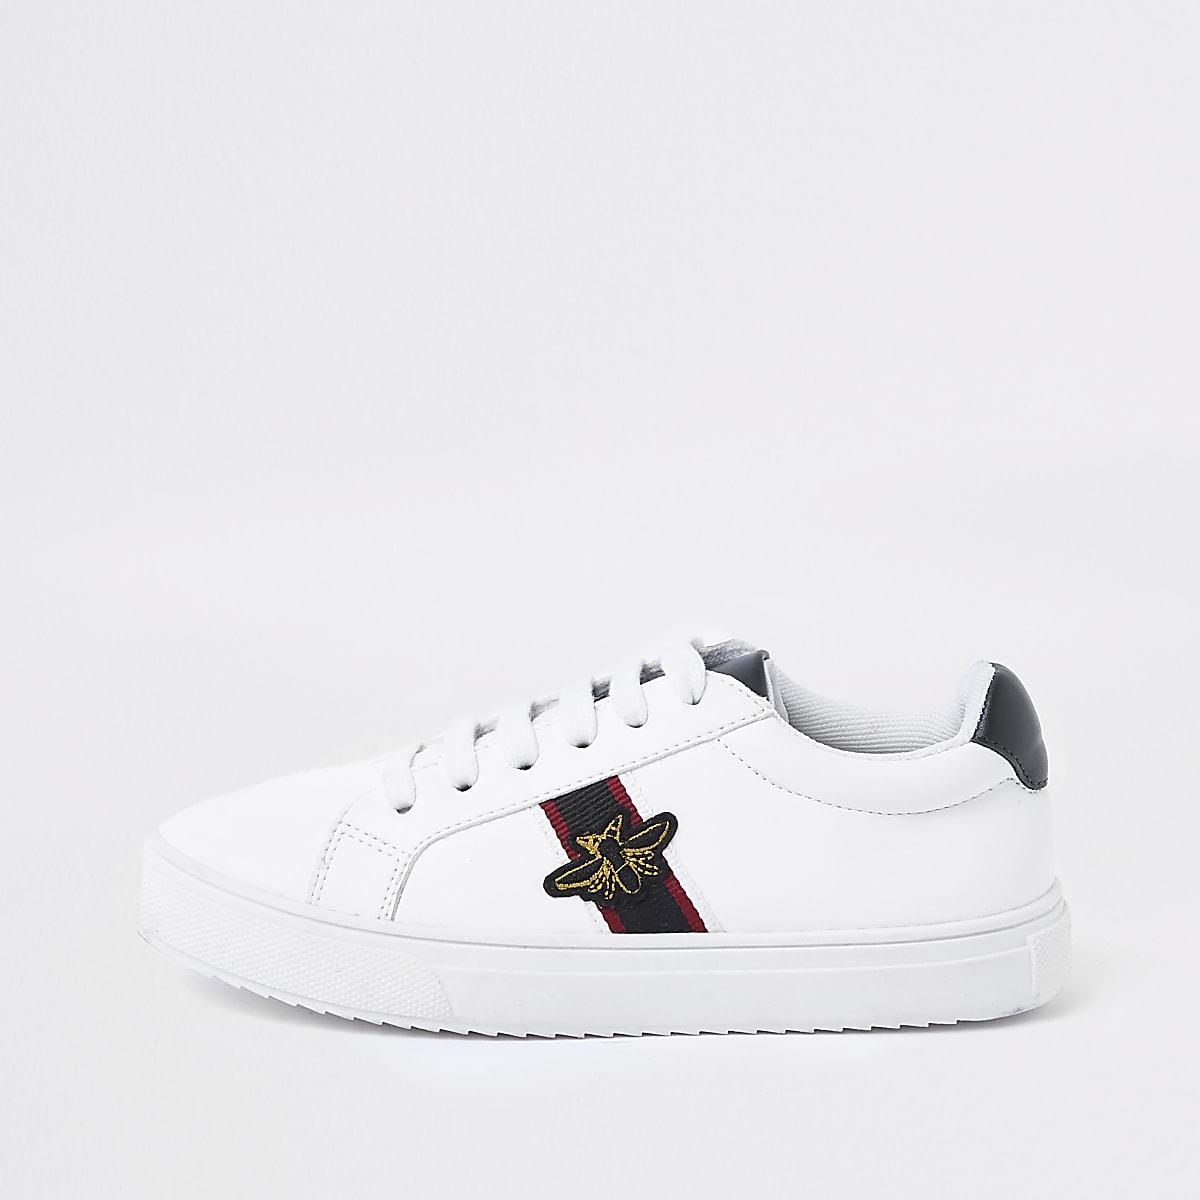 Weiße Sneaker mit Streifen und Bienen-Applikation für Jungen